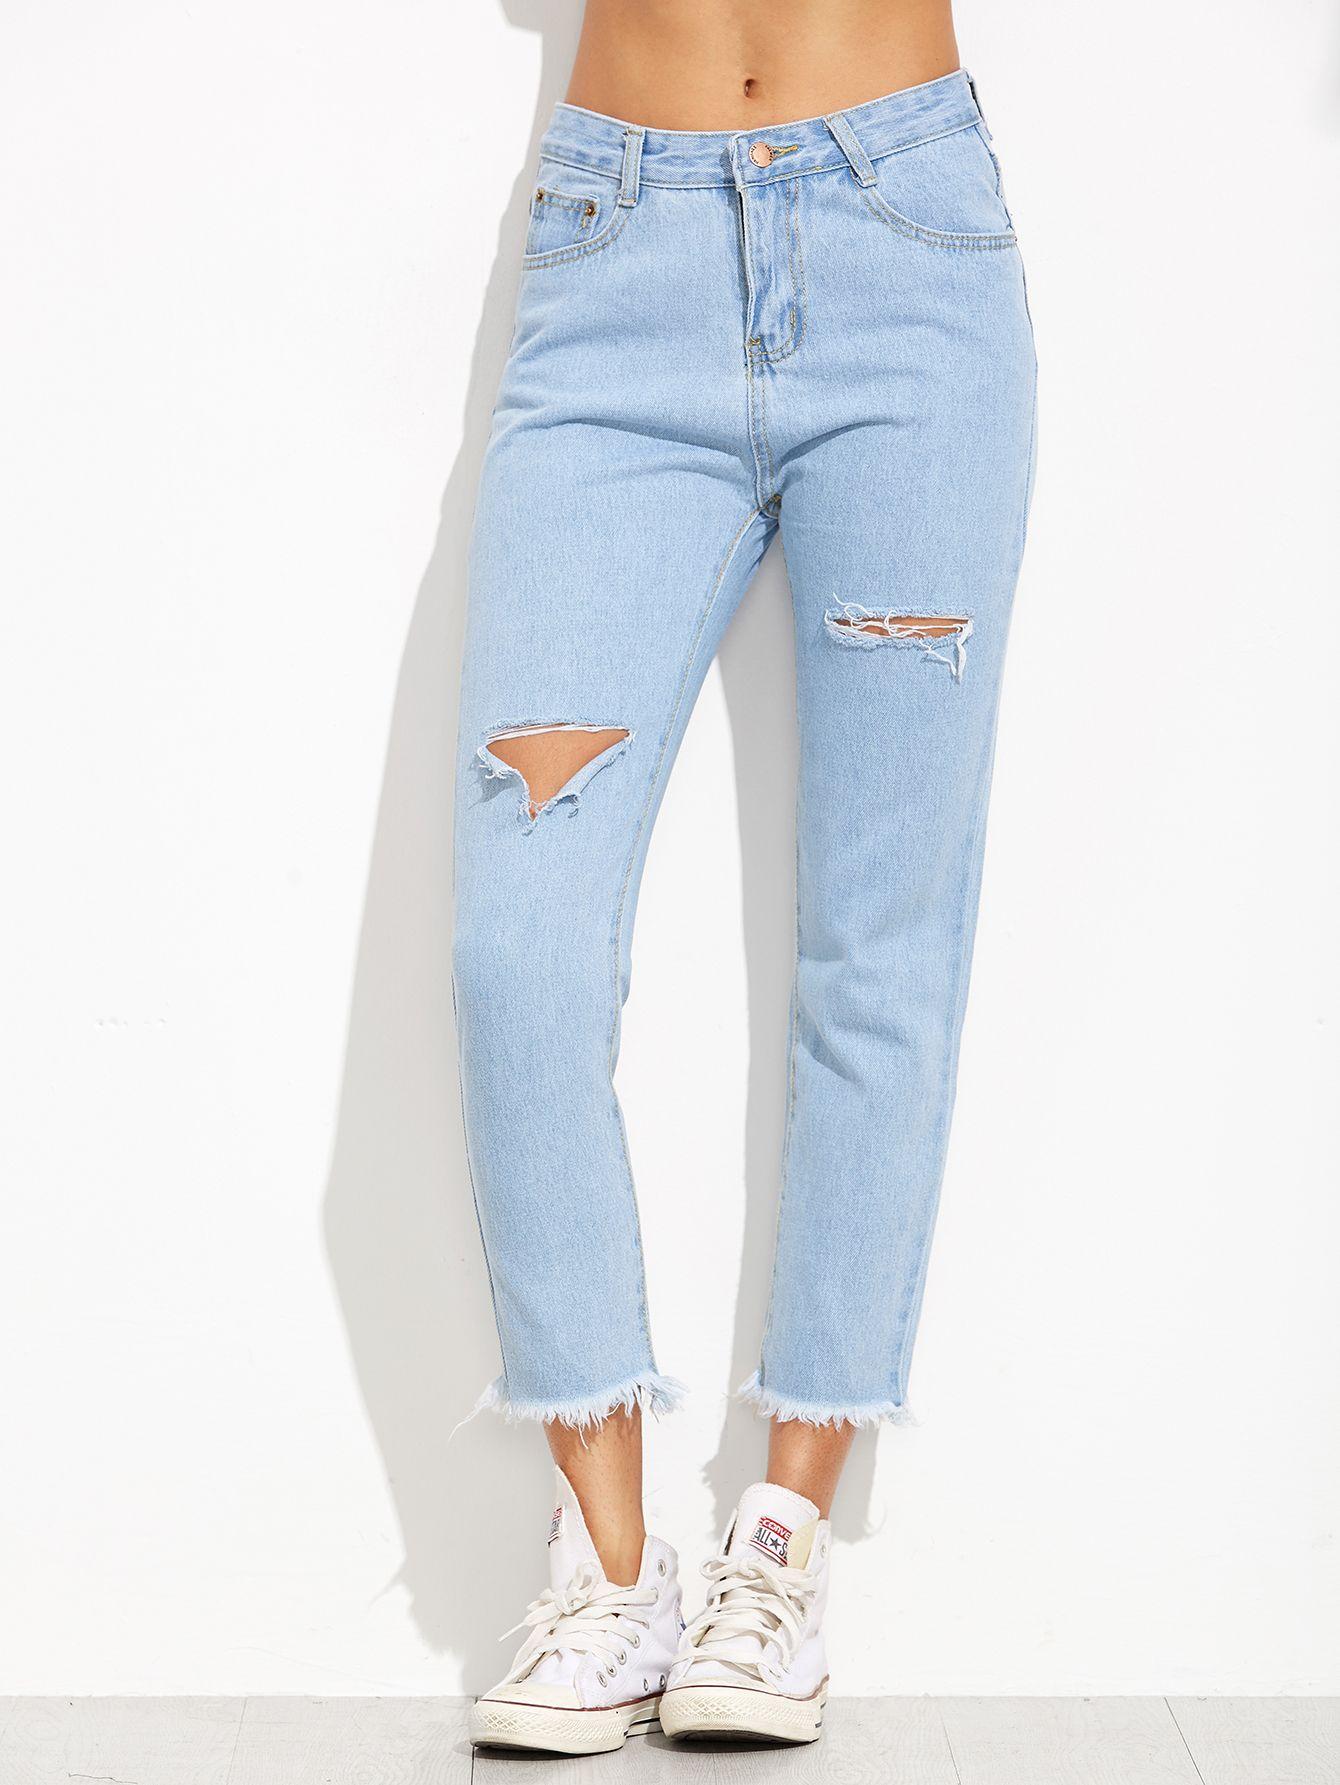 Vestidos de jeans con flecos